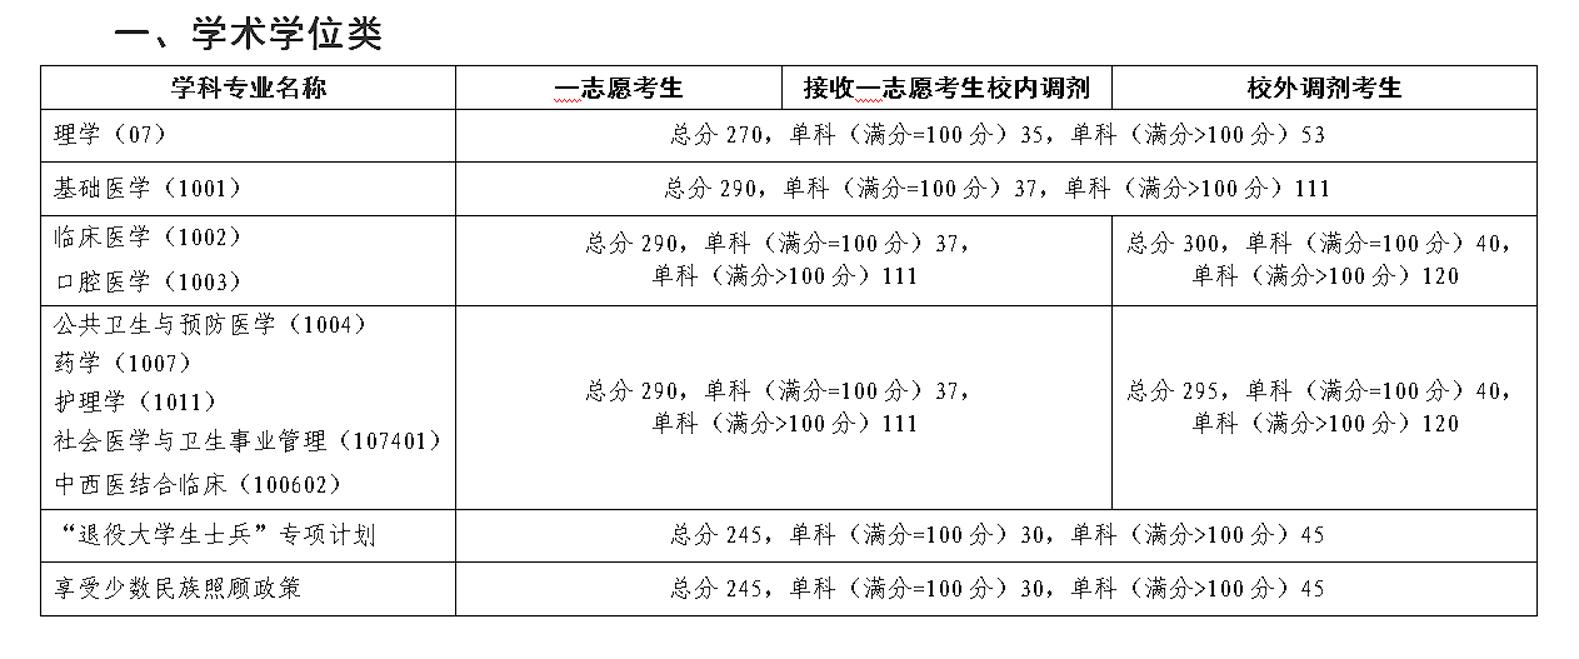 2018年昆明医科大学考研复试分数线